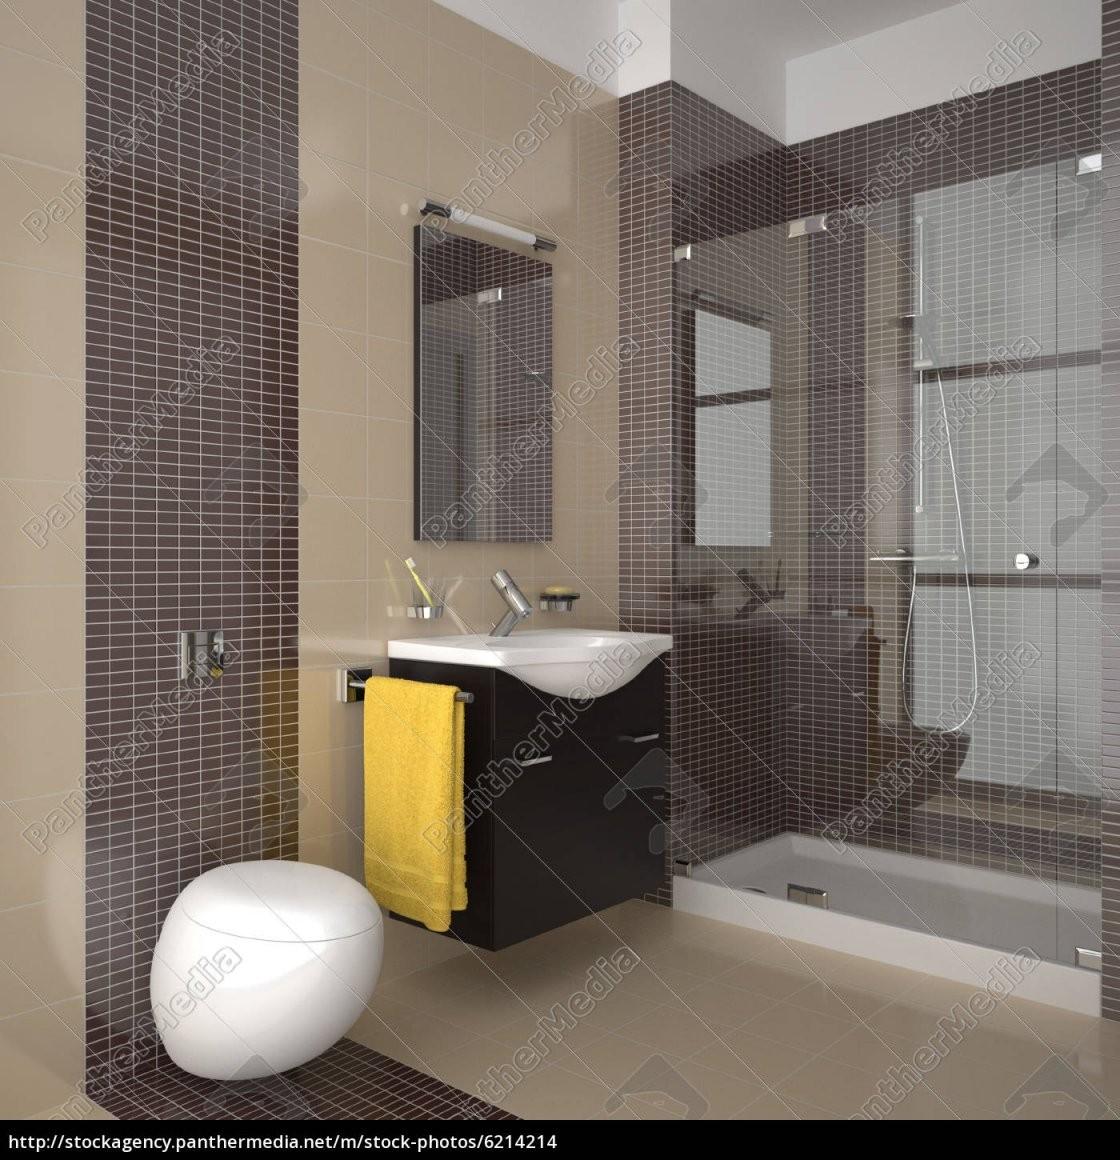 Modernes Badezimmer Mit Beige Und Braun Fliesen  Stock Photo von Moderne Badezimmer Fliesen Beige Photo